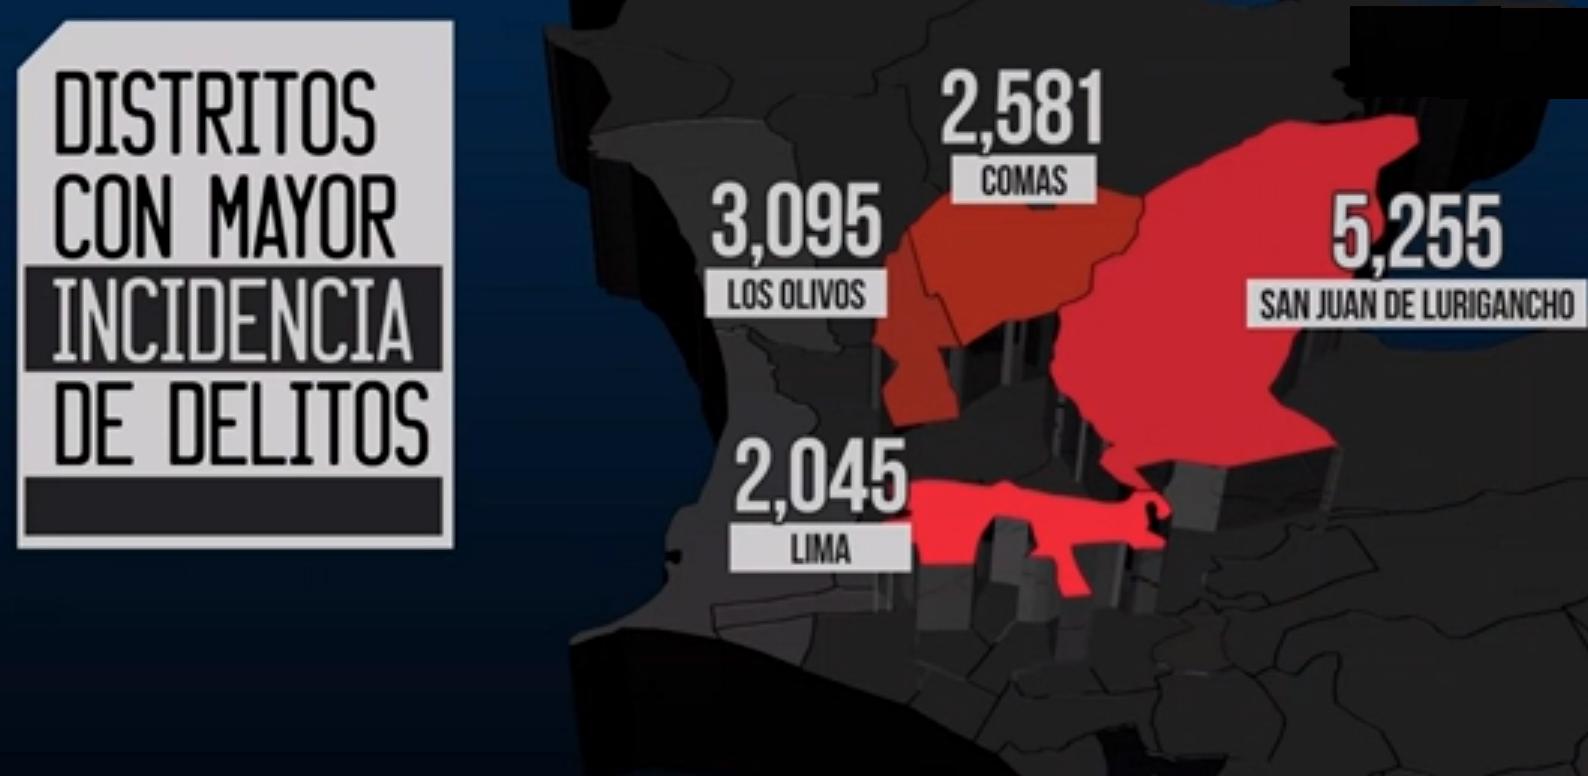 SJL es uno de los distritos con más denuncias por delincuencia (Foto: América TV)